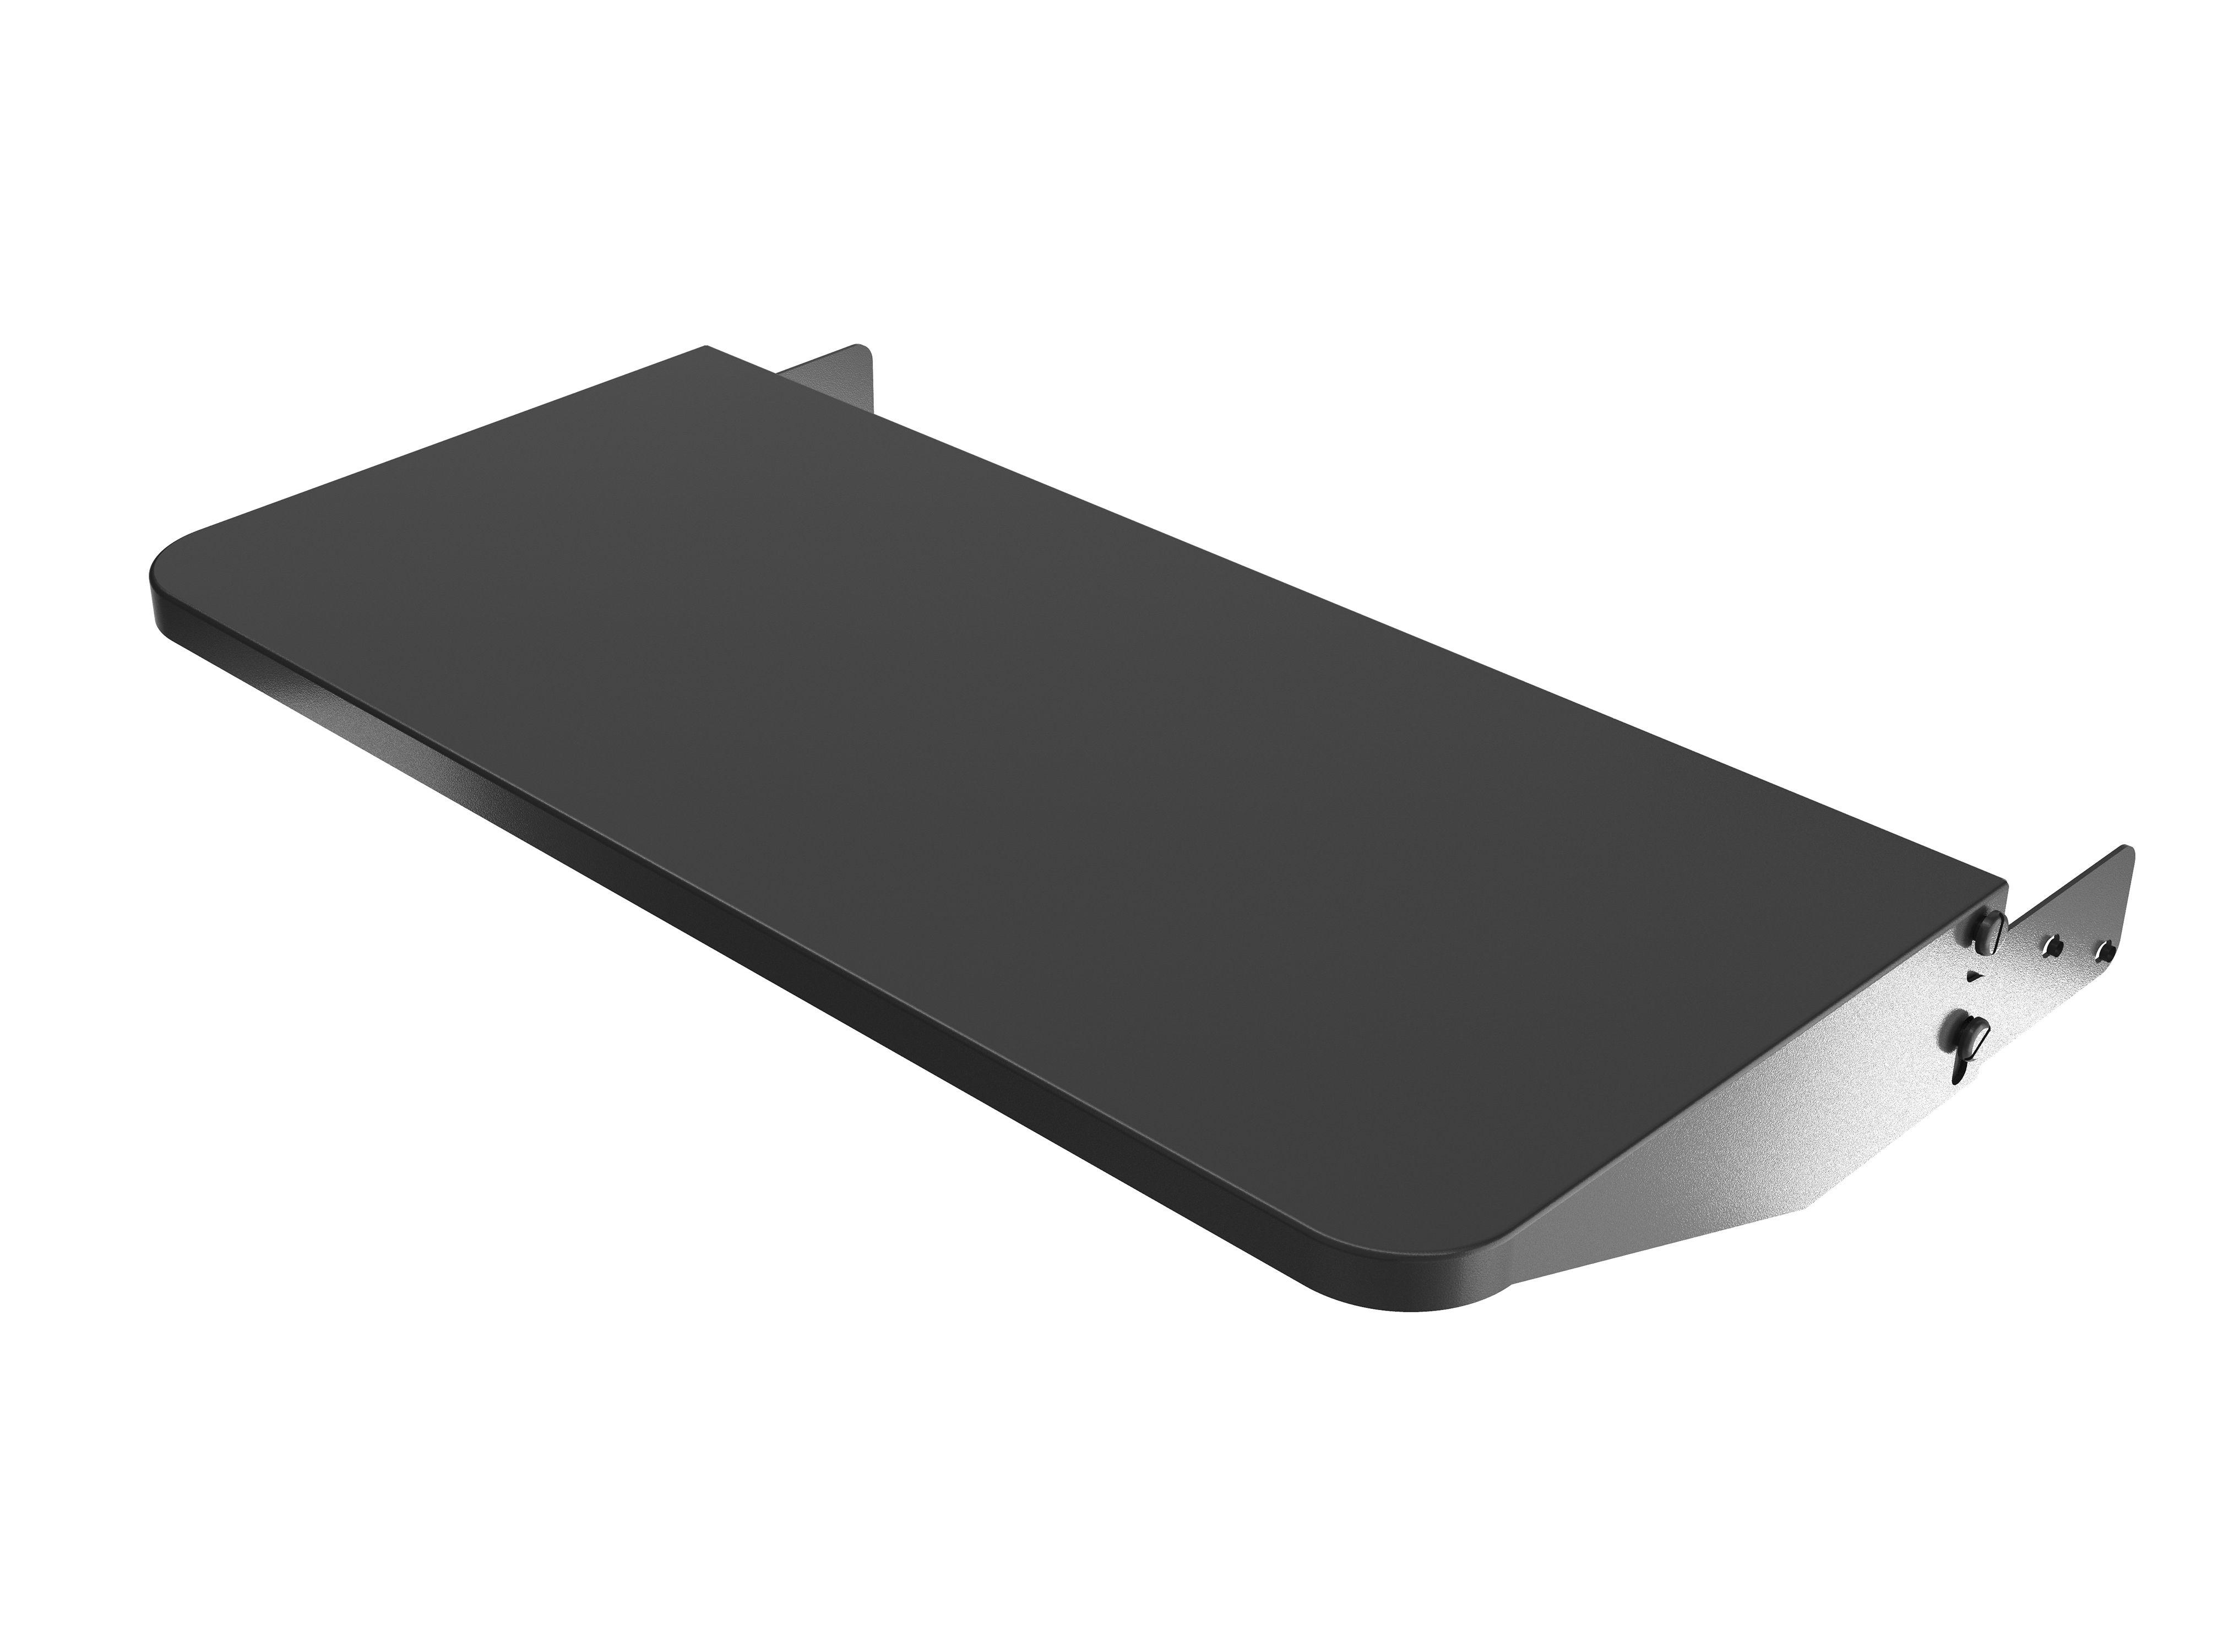 Traeger | Opklapbaar Werkblad | Ironwood 650, Pro575, Pro22